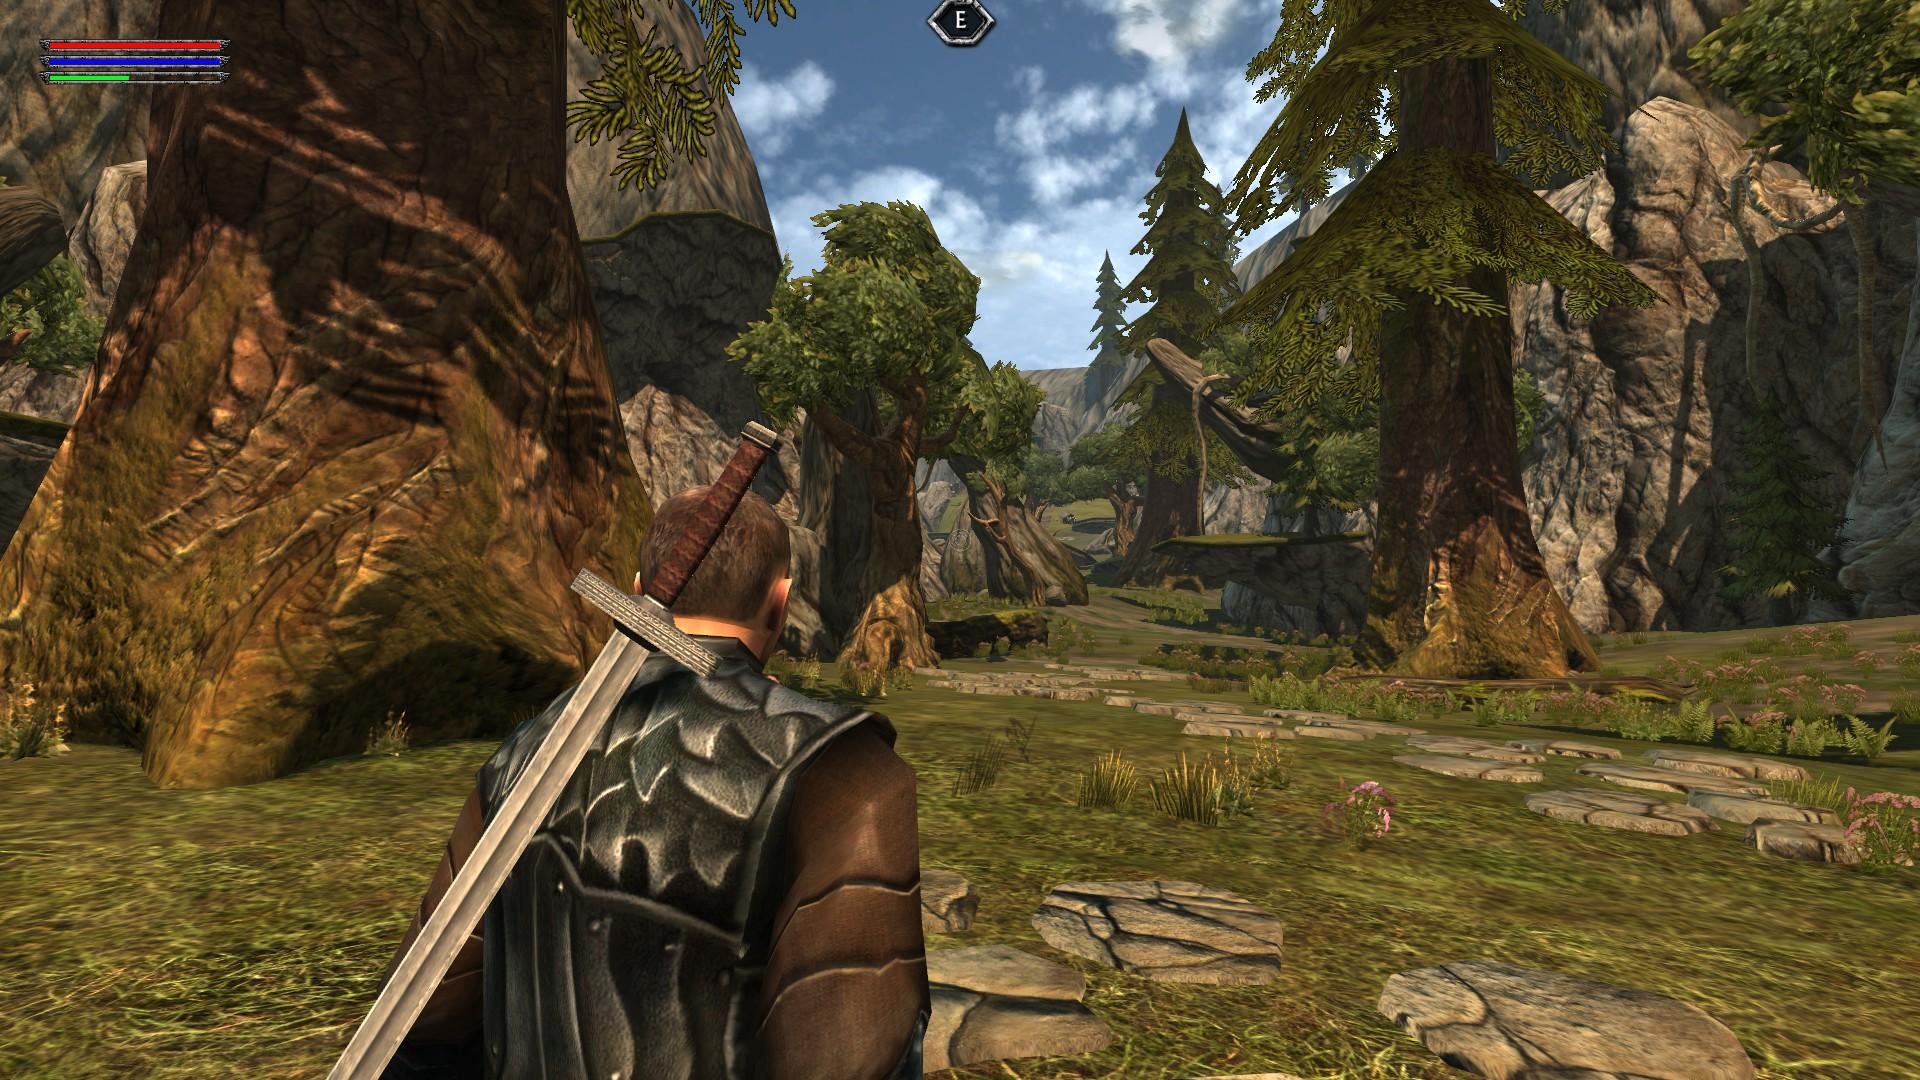 Скачать Ravensword-Shadowlands На Андроид